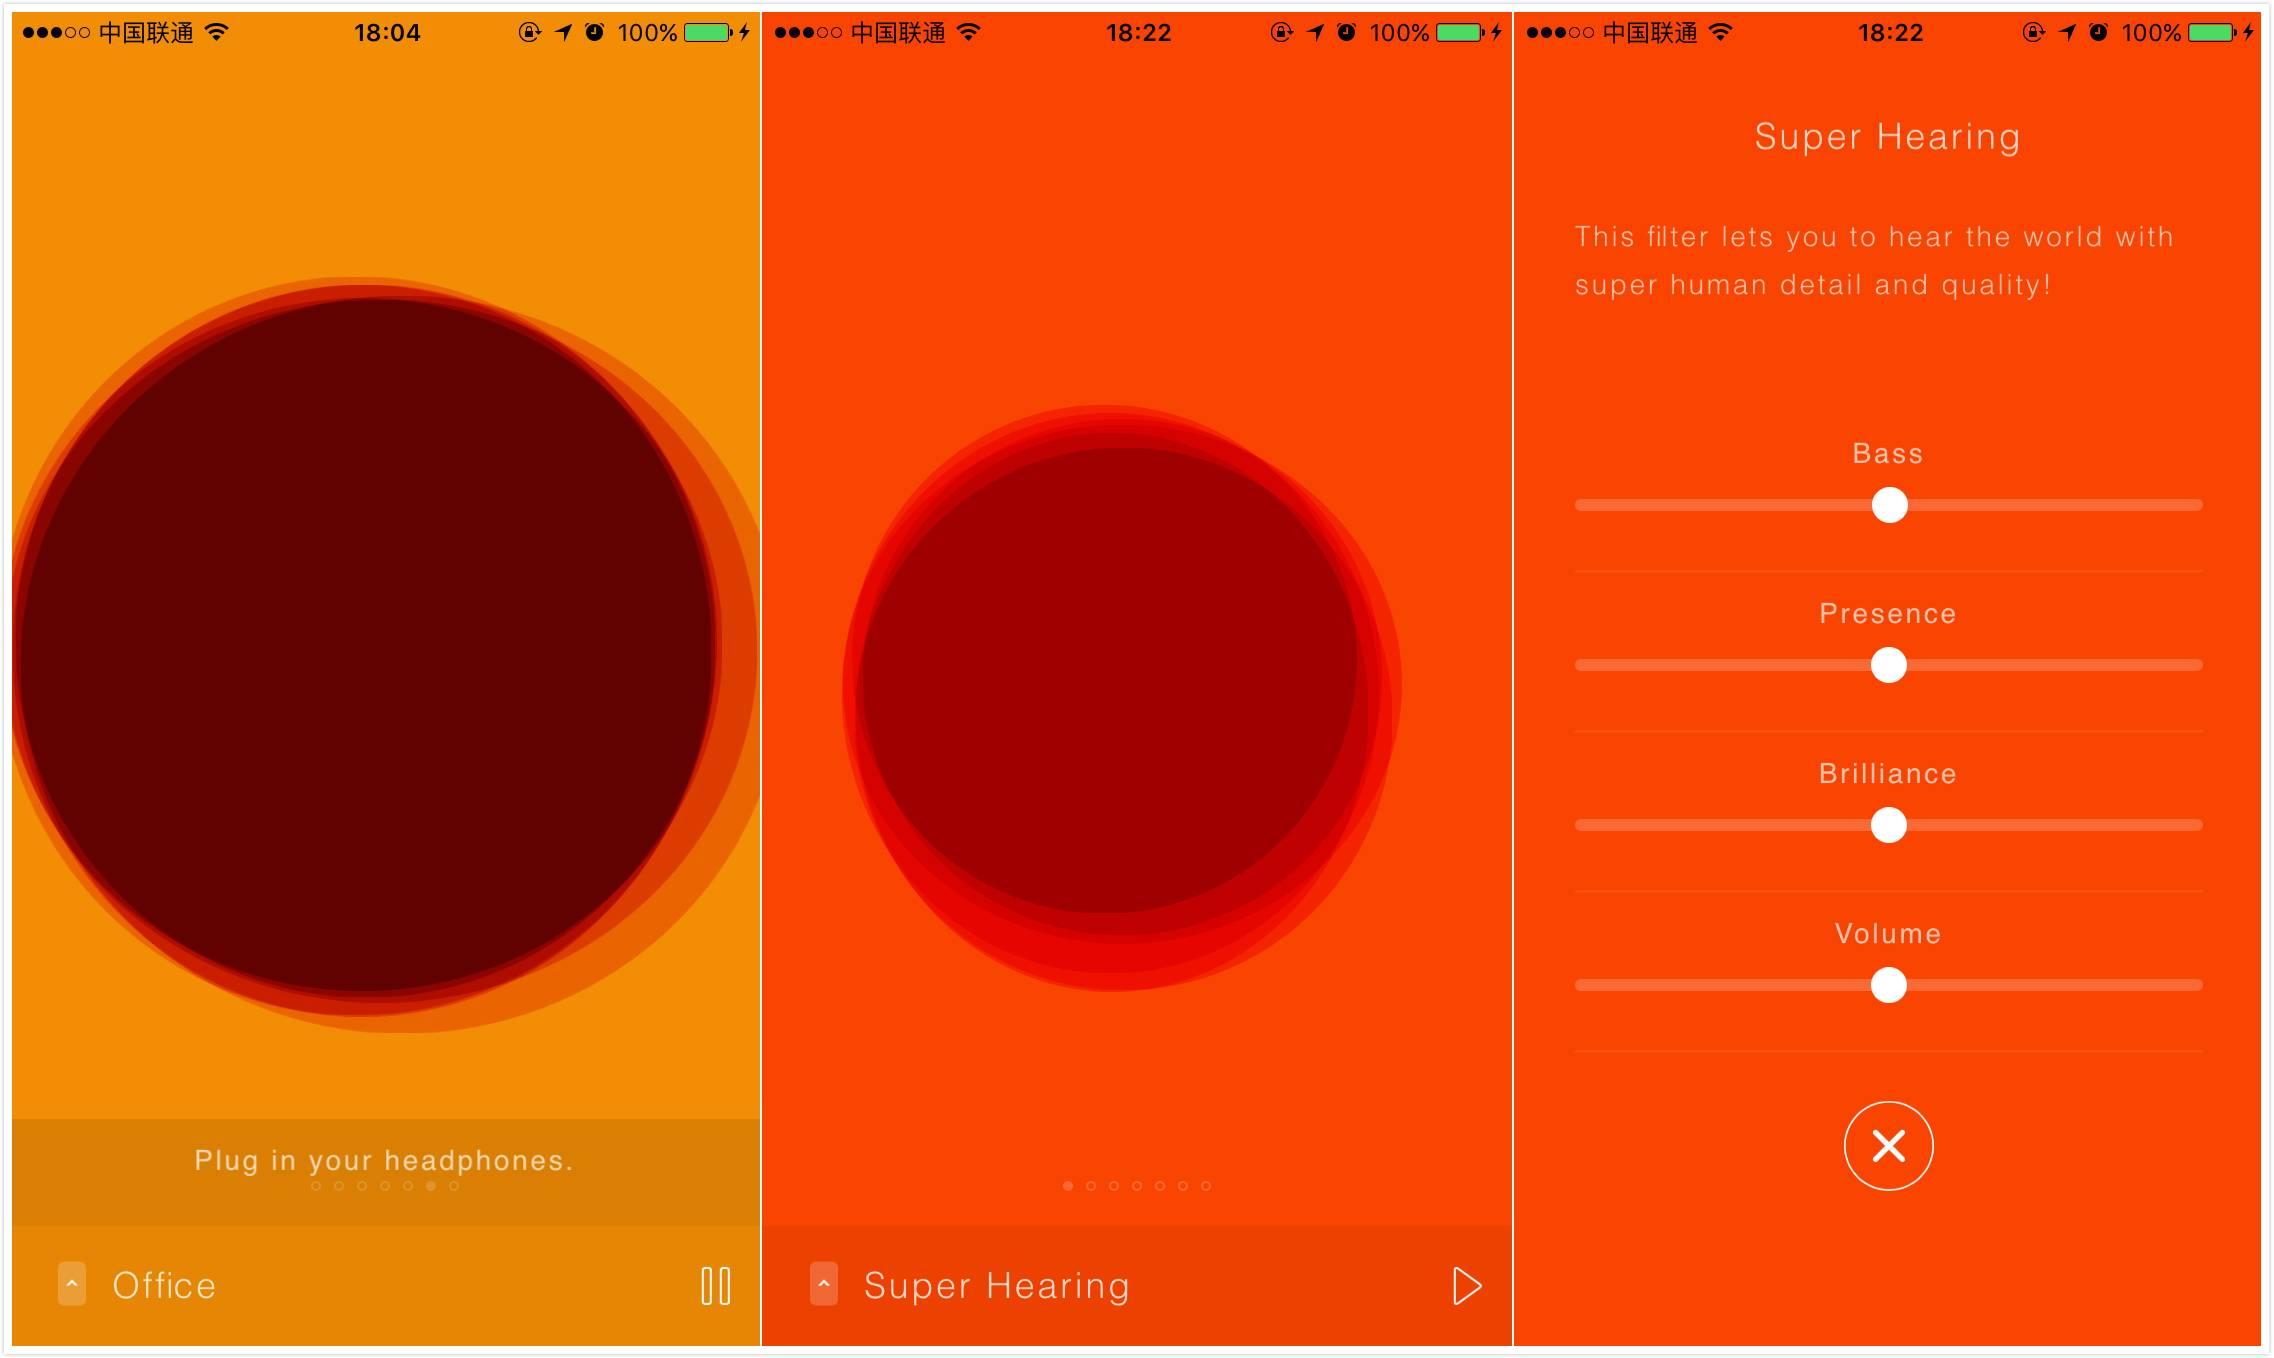 来,吃下这粒迷幻药,一款有毒的声音滤镜App